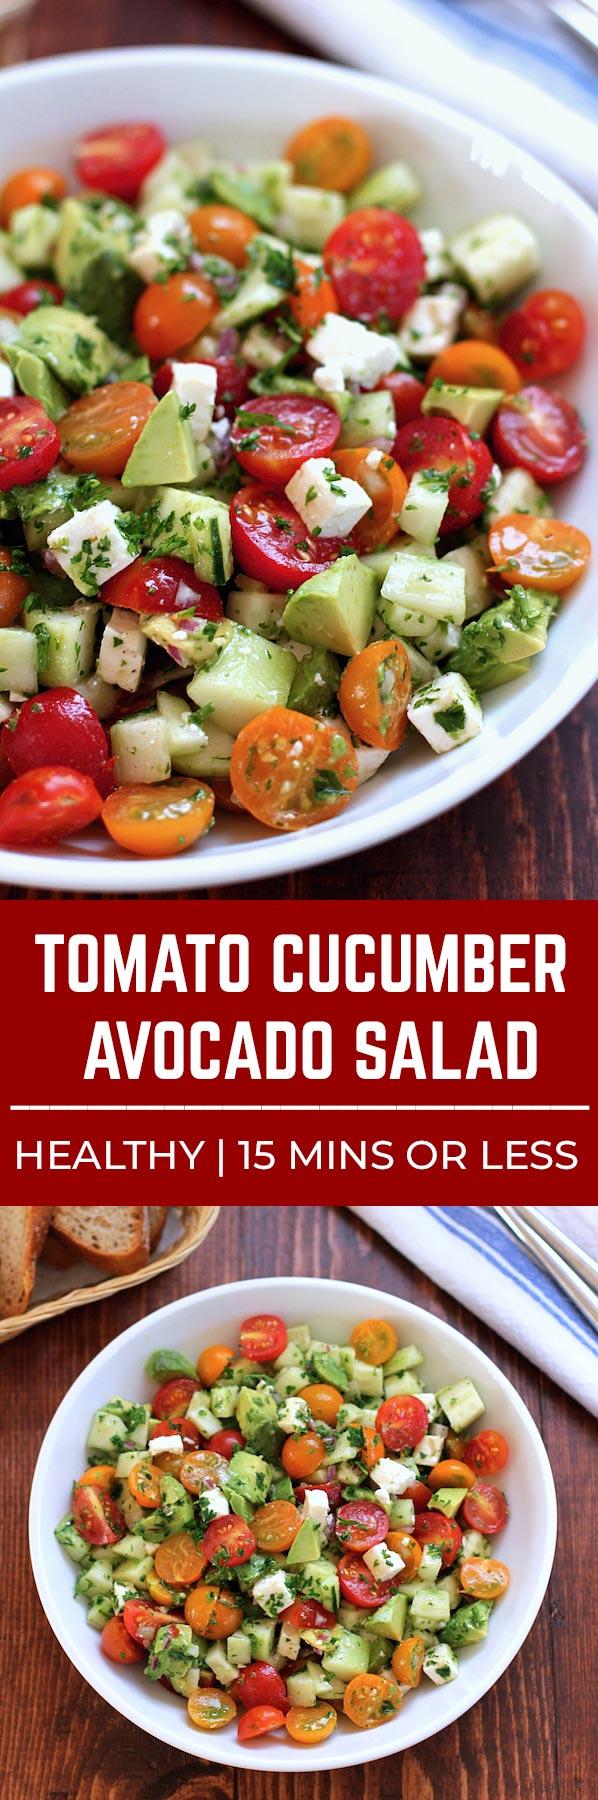 Tomate, concombre, avocat coupés en morceaux et servis dans un bol blanc.